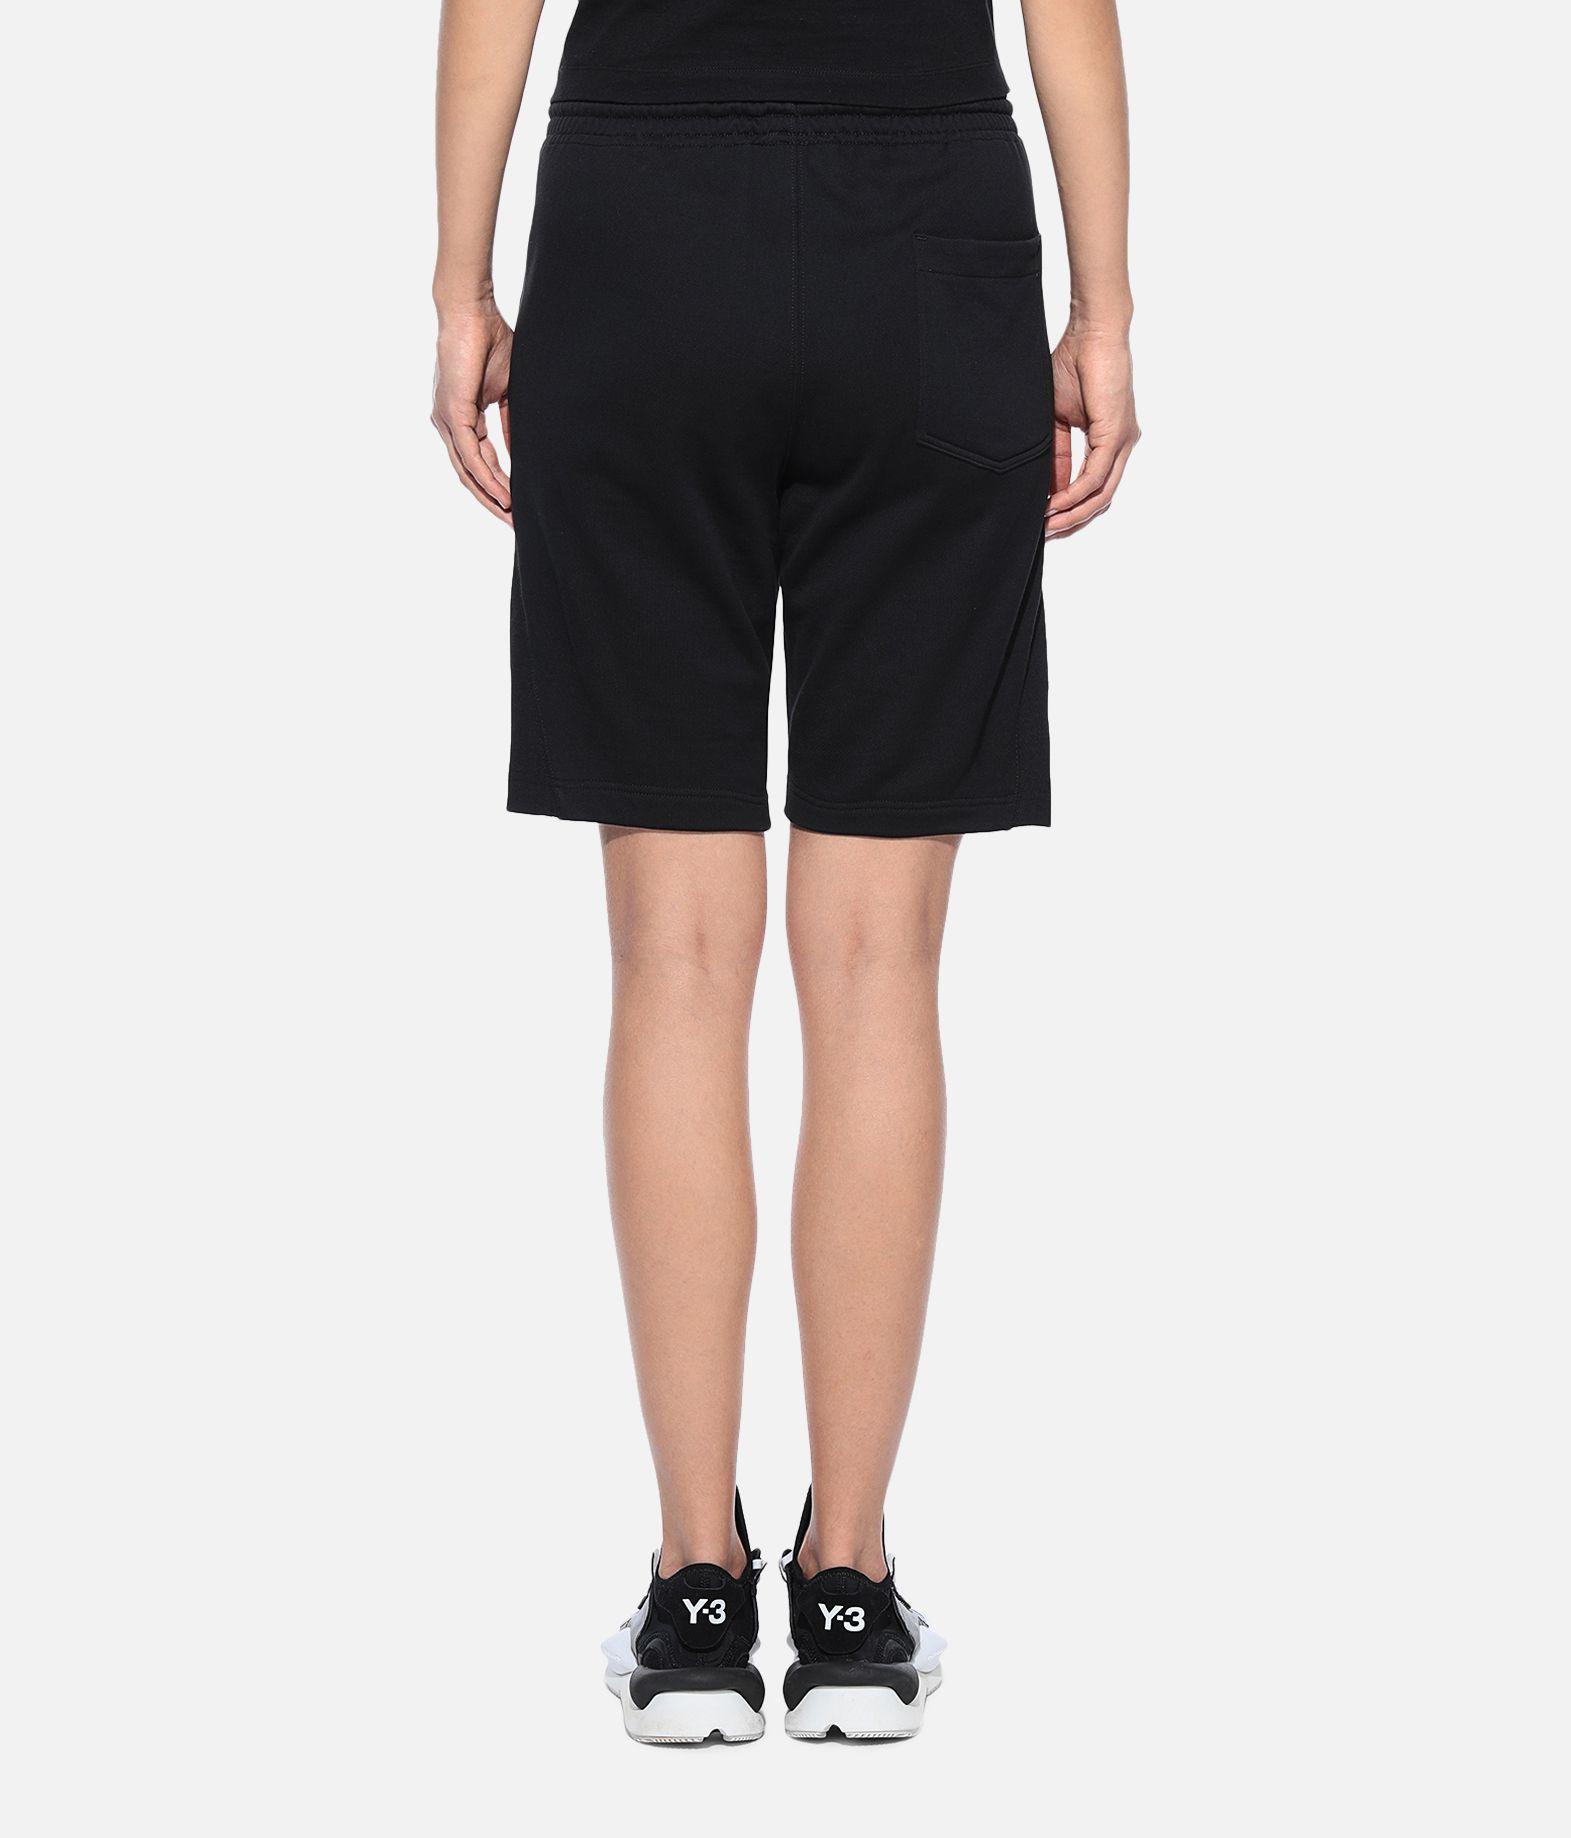 Y-3 Y-3 Classic Shorts Шорты Для Женщин d